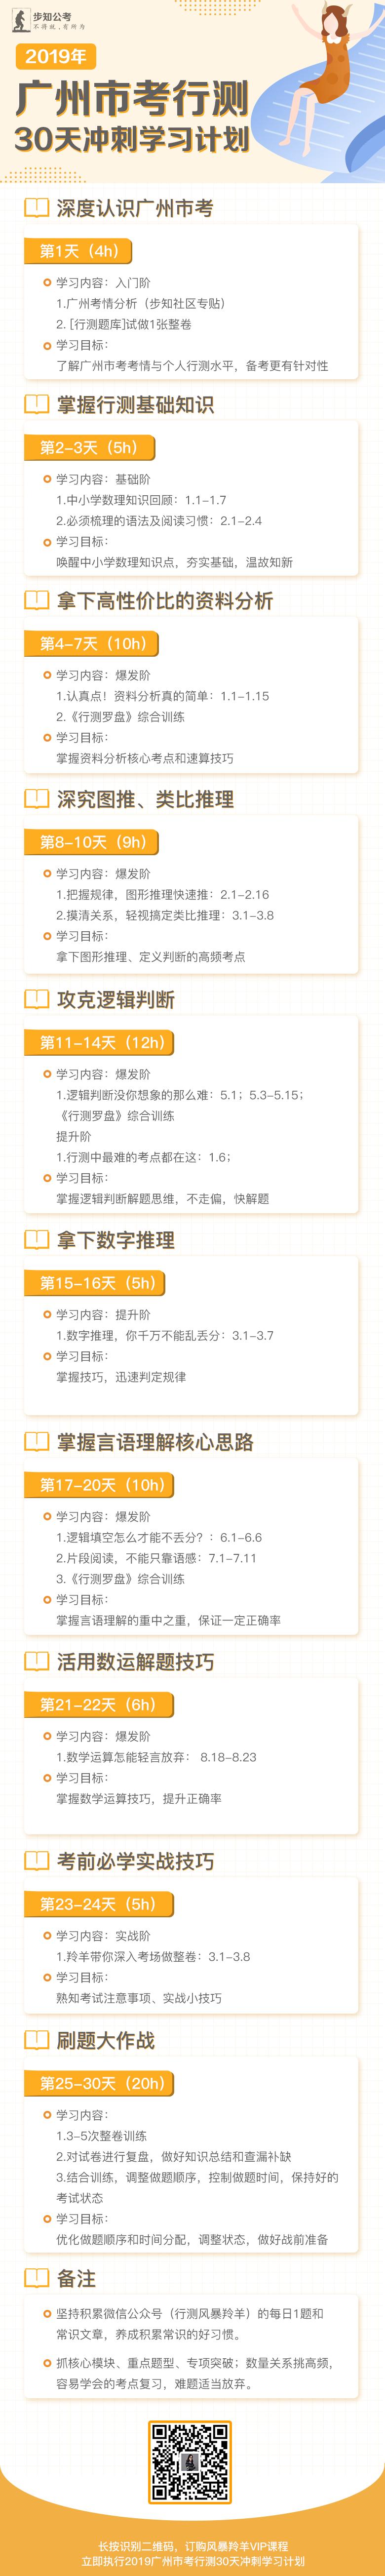 2019广州市考行测30天冲刺学习计划.png